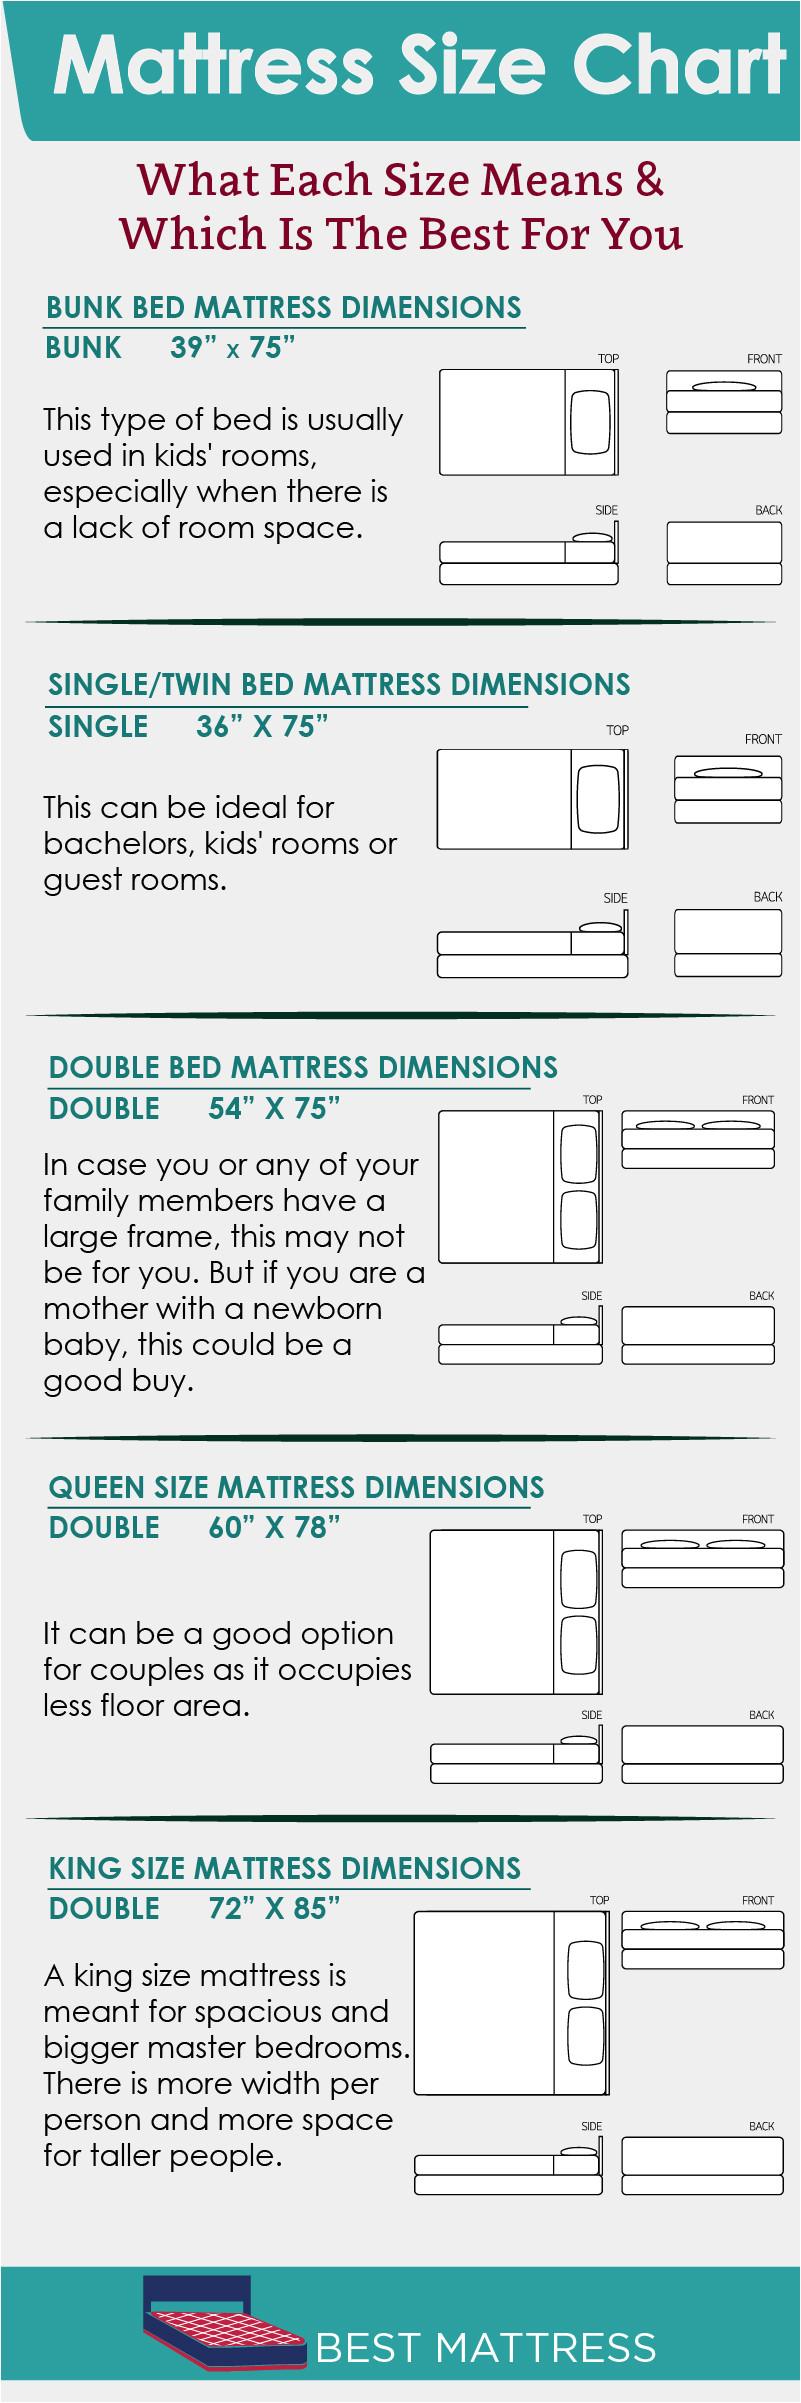 mattress size chart 01